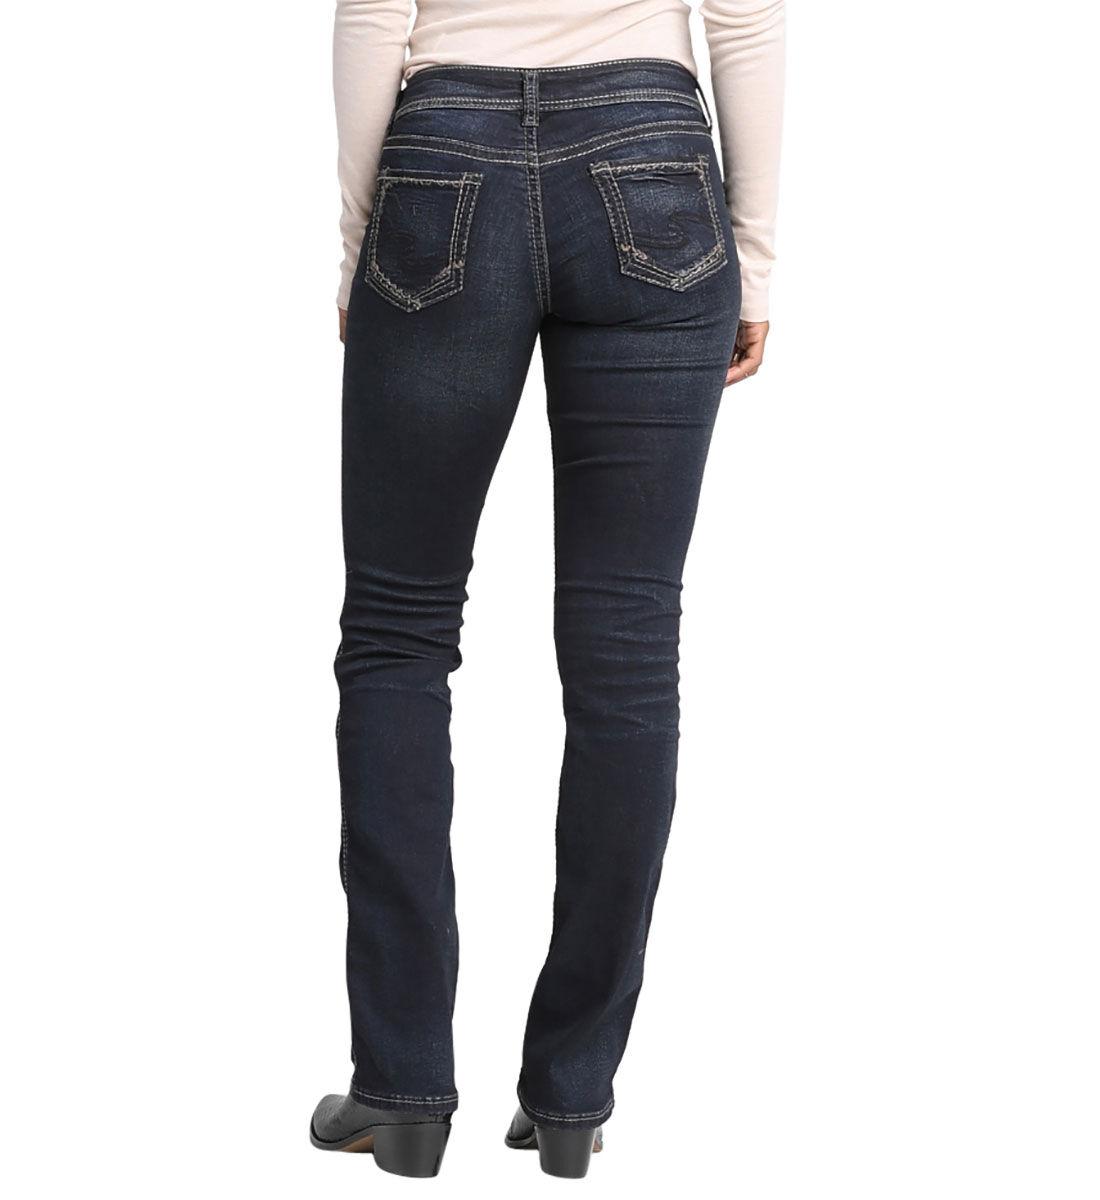 Silver Jeans Conversion Chart Famous Jeans 2018